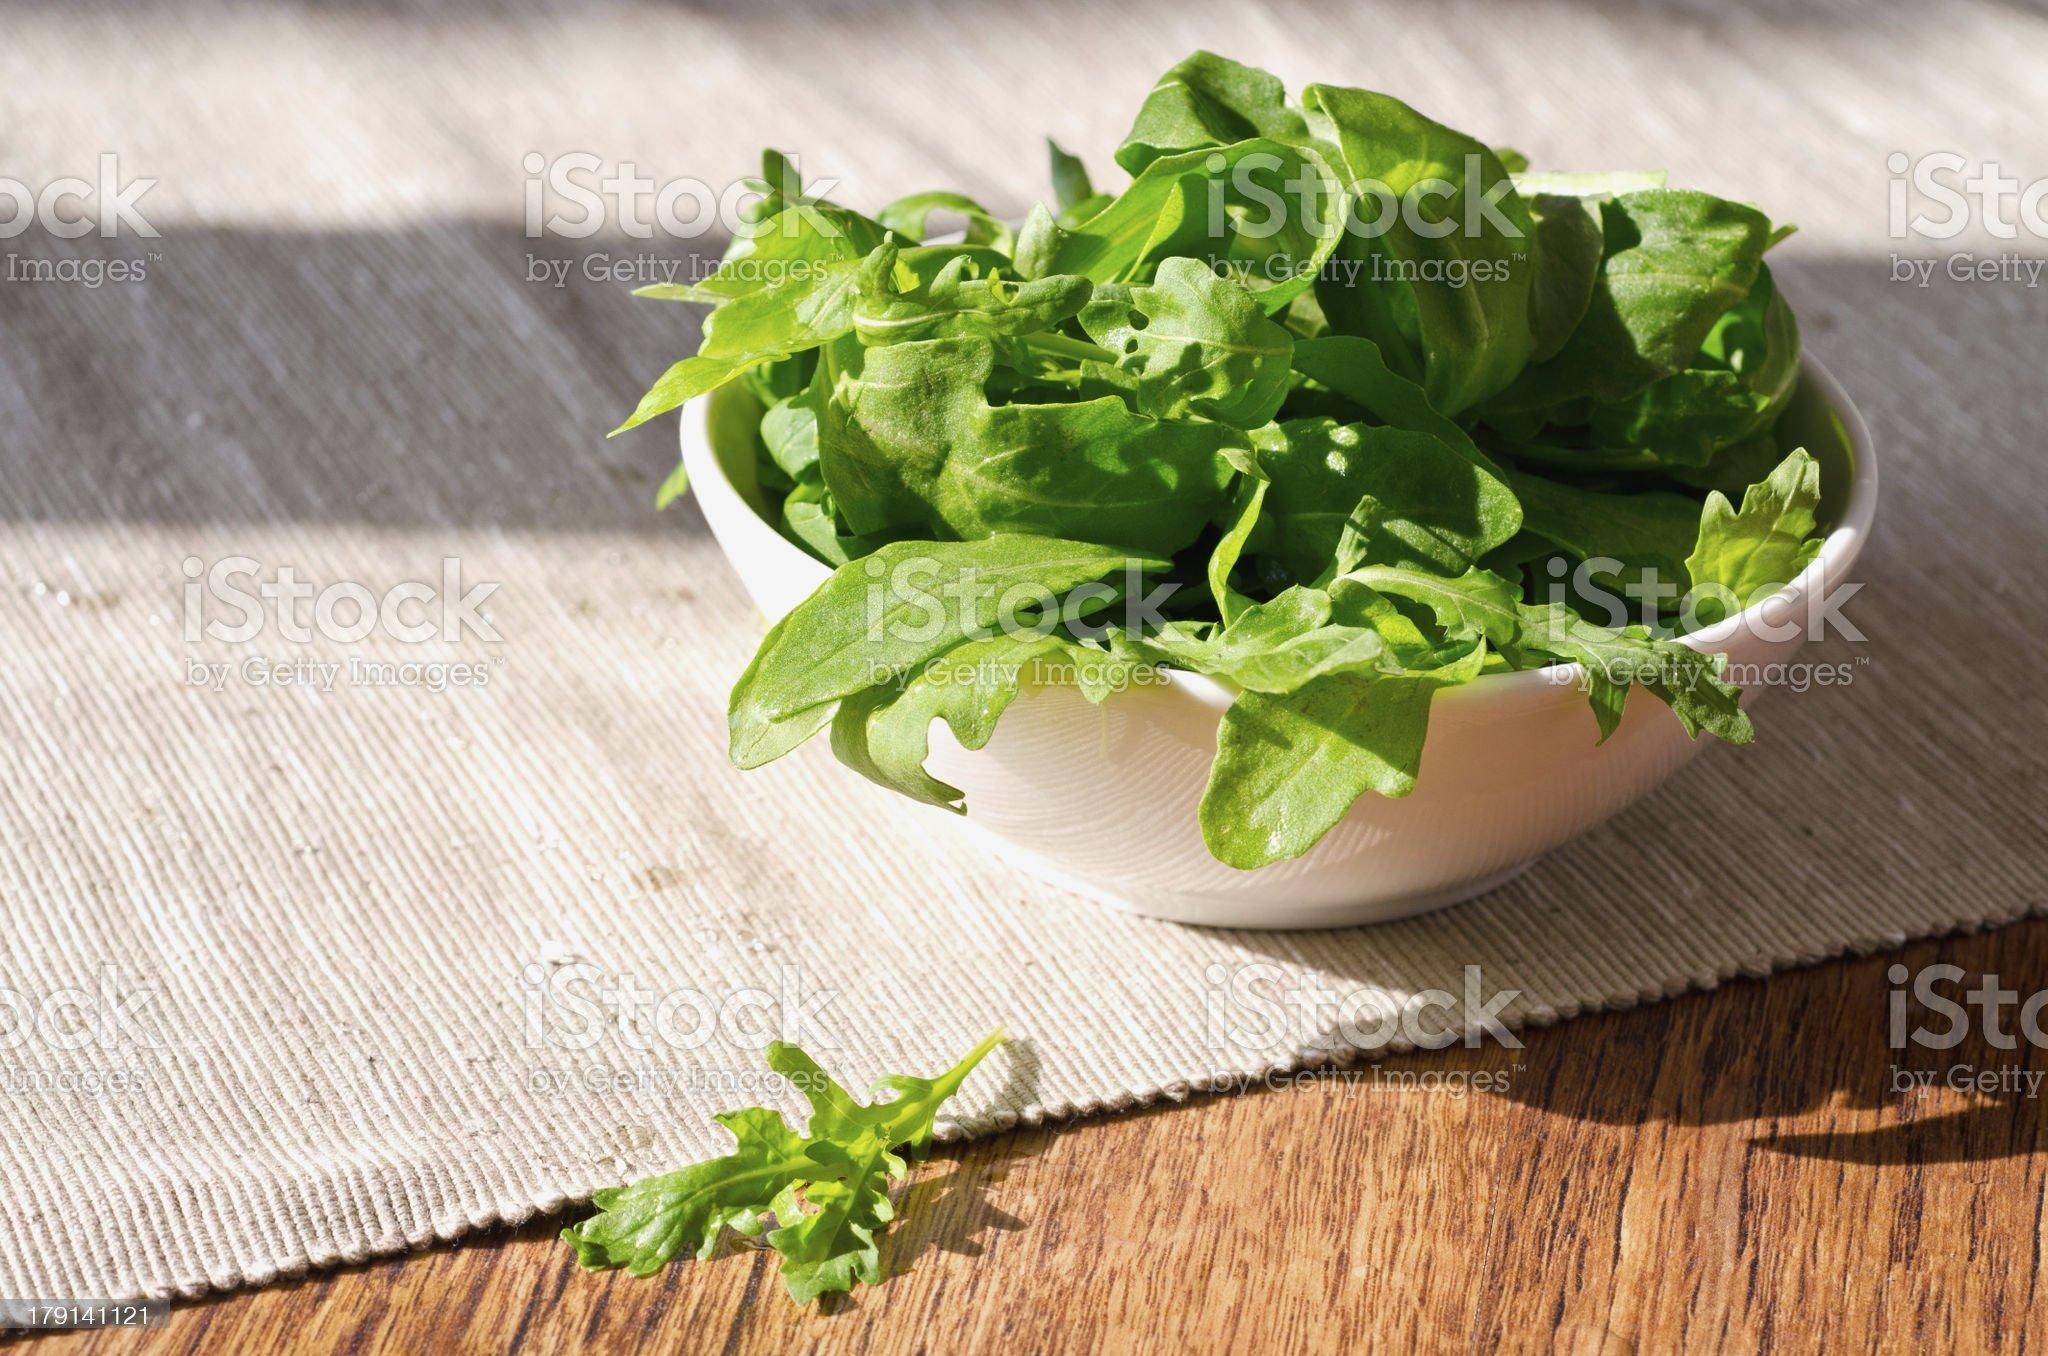 bowl of fresh green, natural arugula royalty-free stock photo